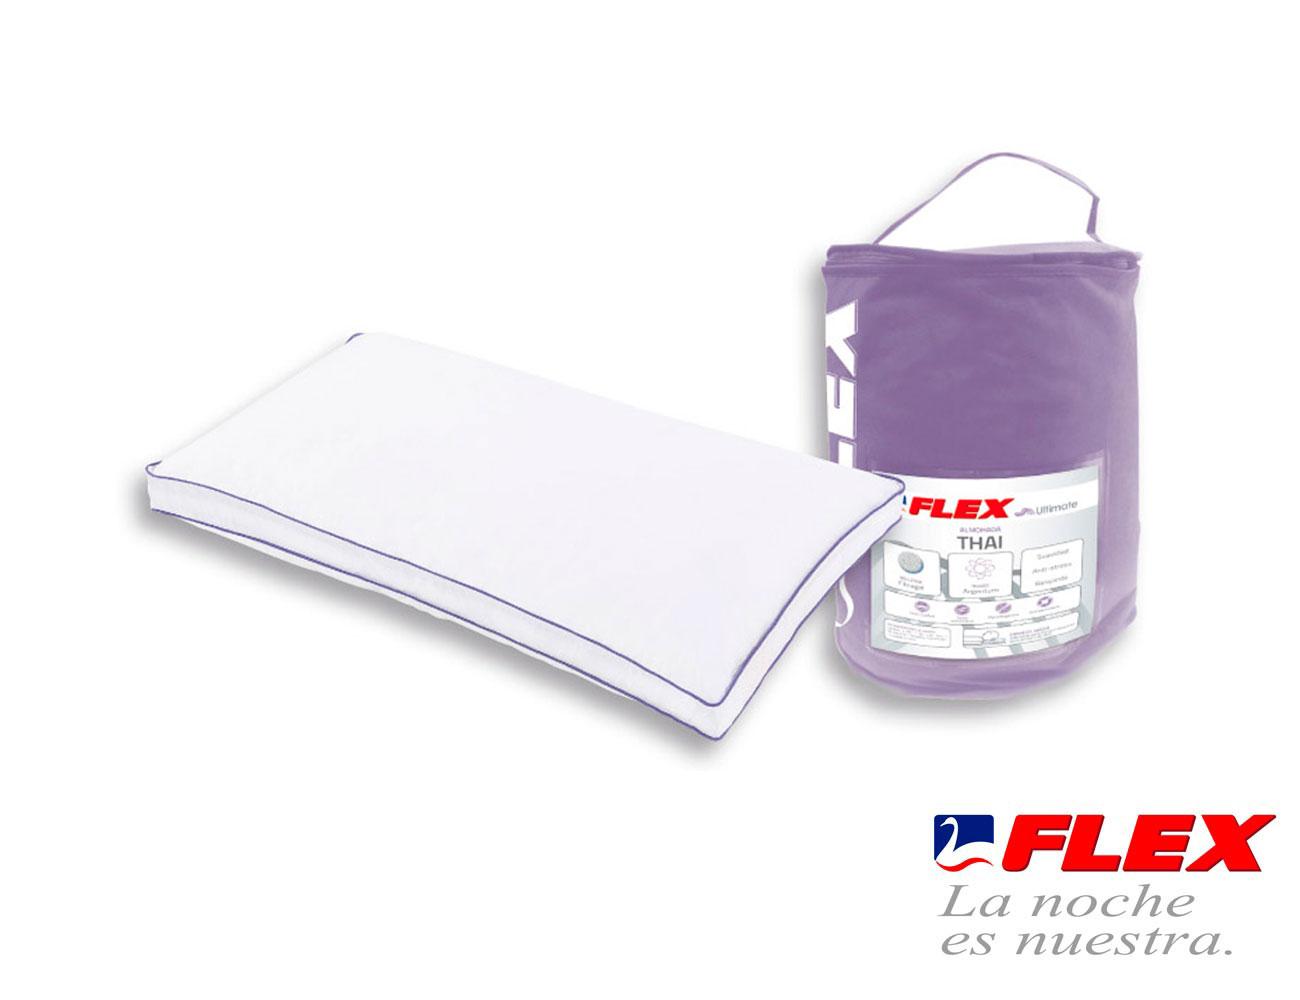 Almohada flex thai fibra gel2